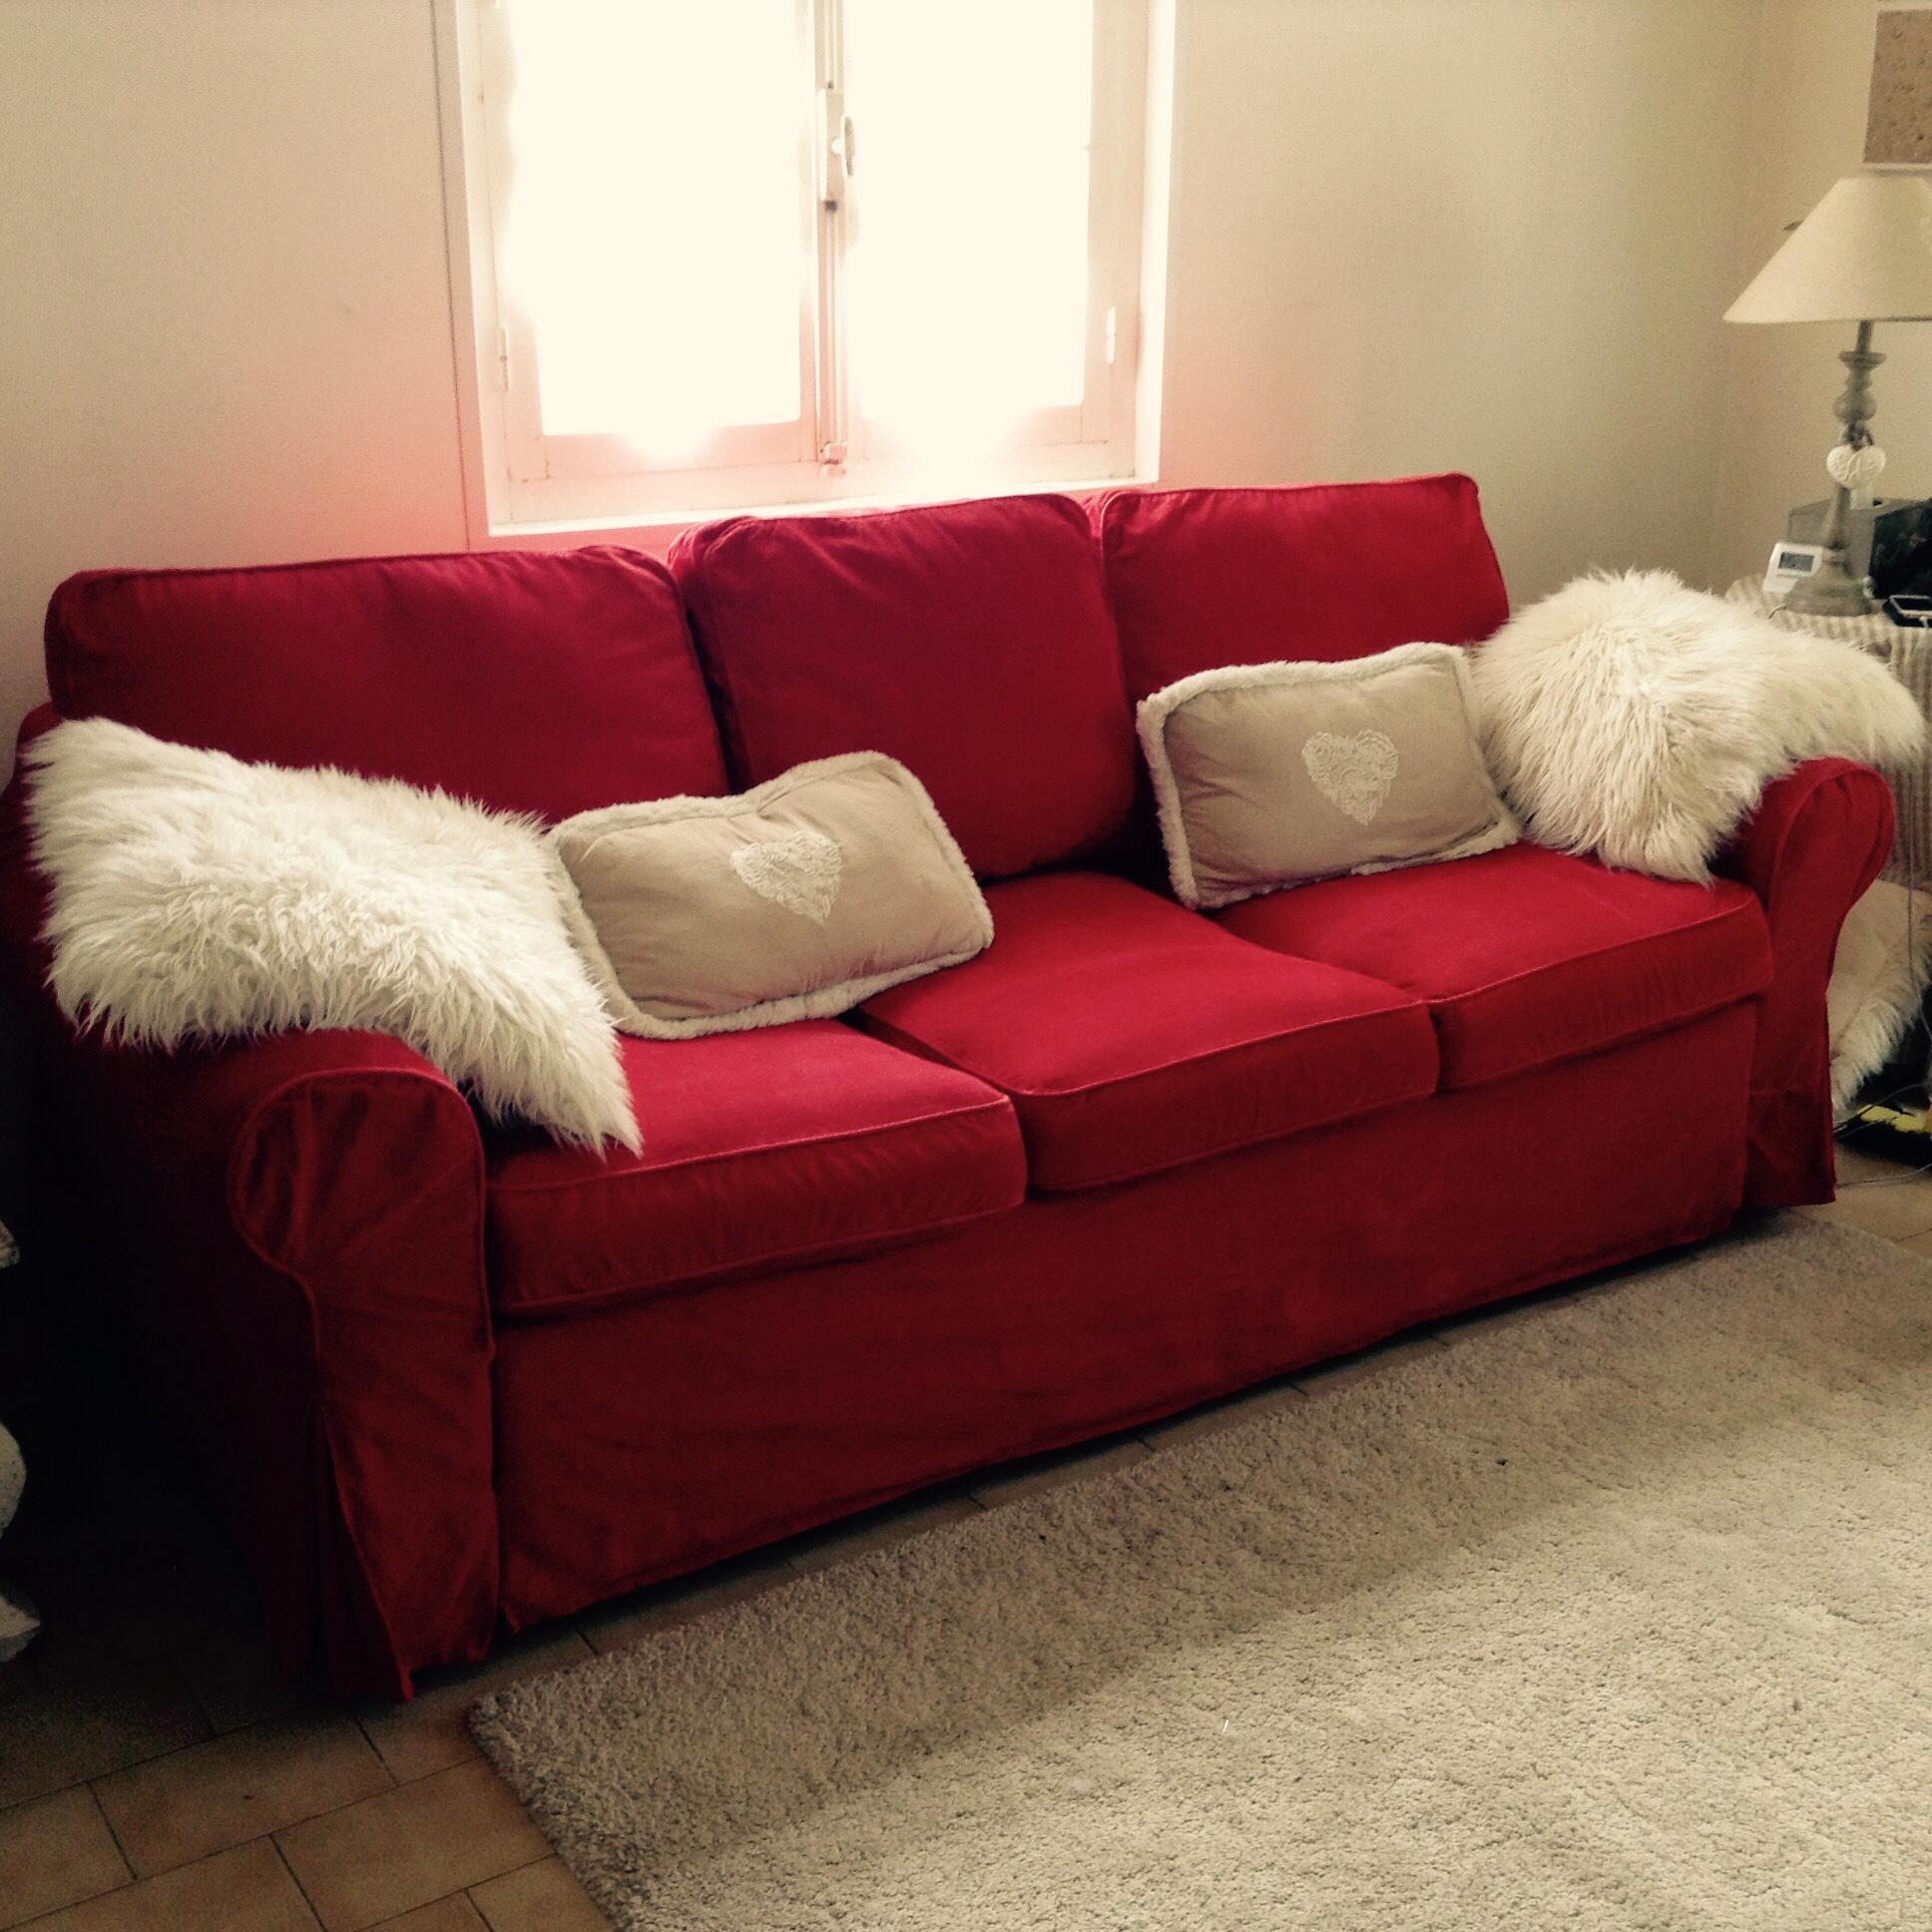 Canape Convertible Une Place Ikea — Lamichaure dedans Ikea Chauffeuse 2 Places